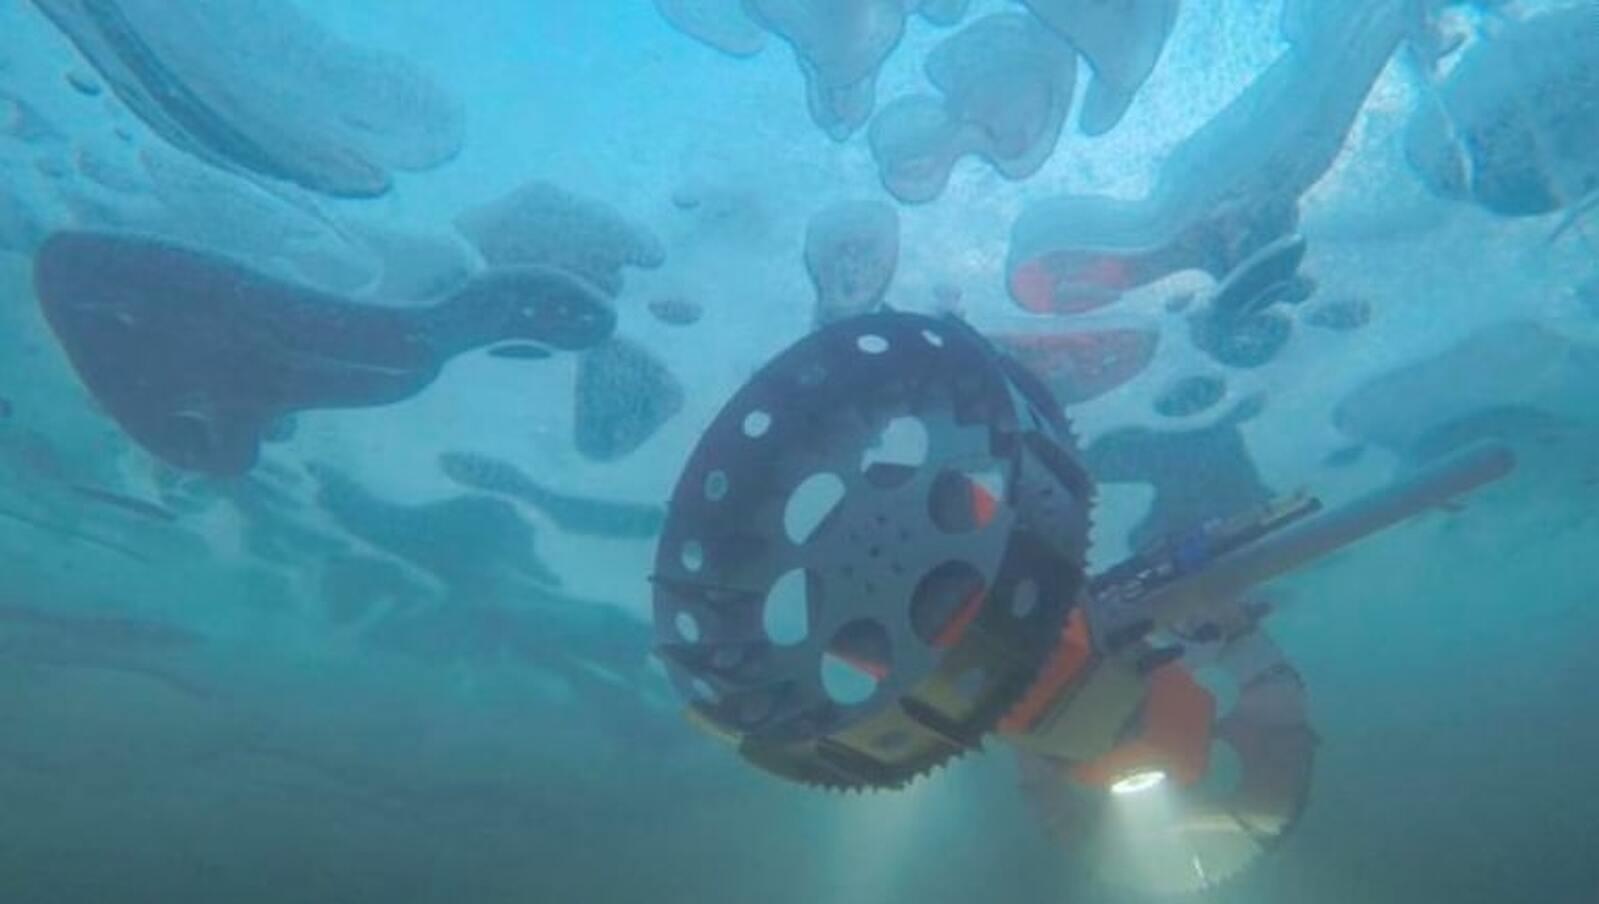 Reproducció artística del vehicle navegant sota un oceà glaçat